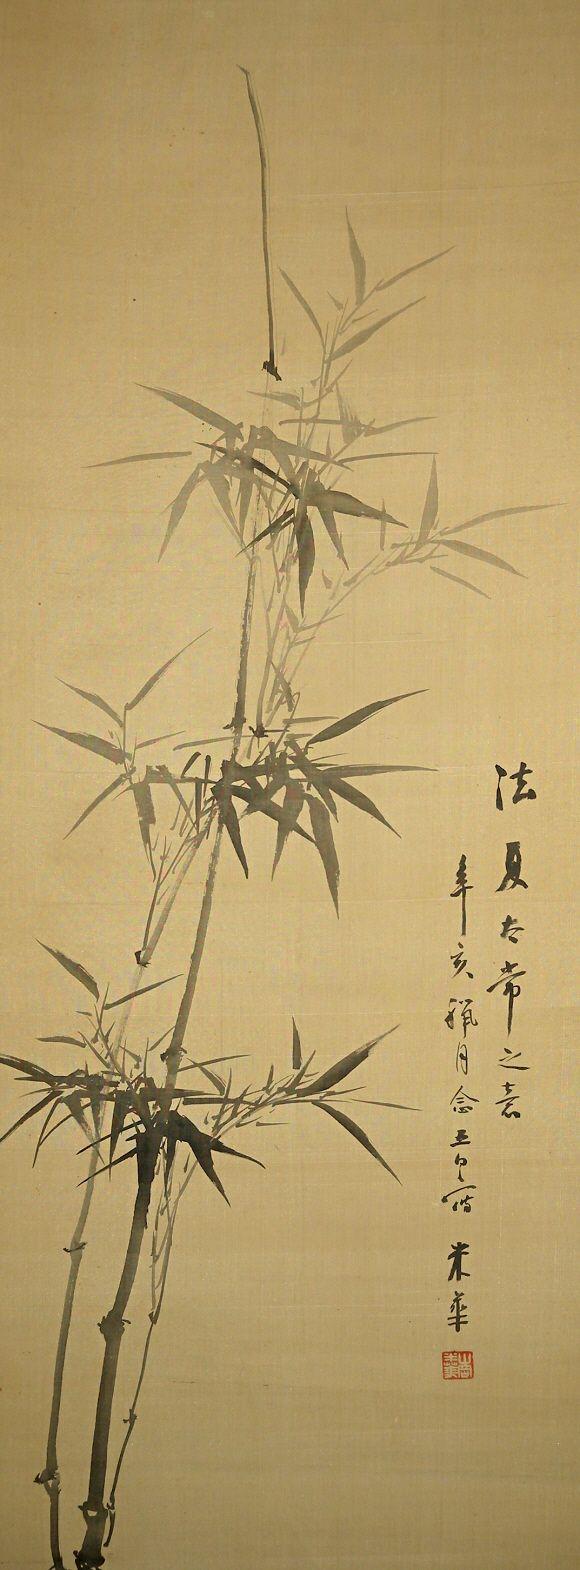 bamboo drawing - photo #17